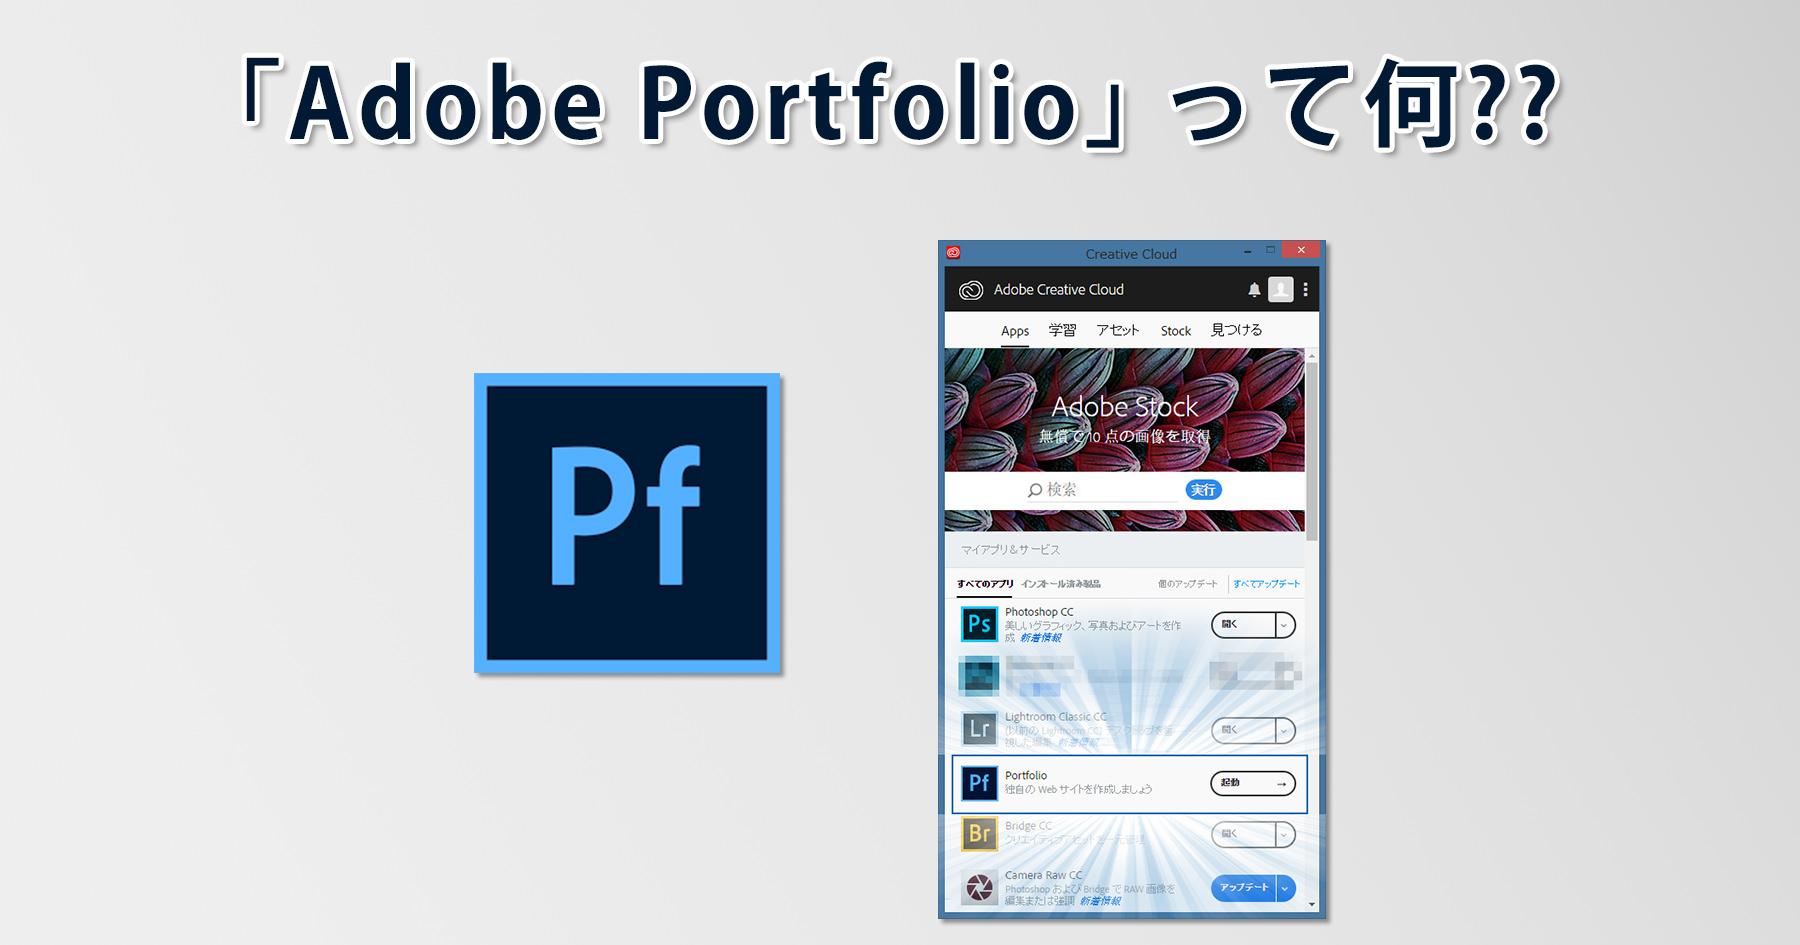 Adobe_Portfolioって何-Main